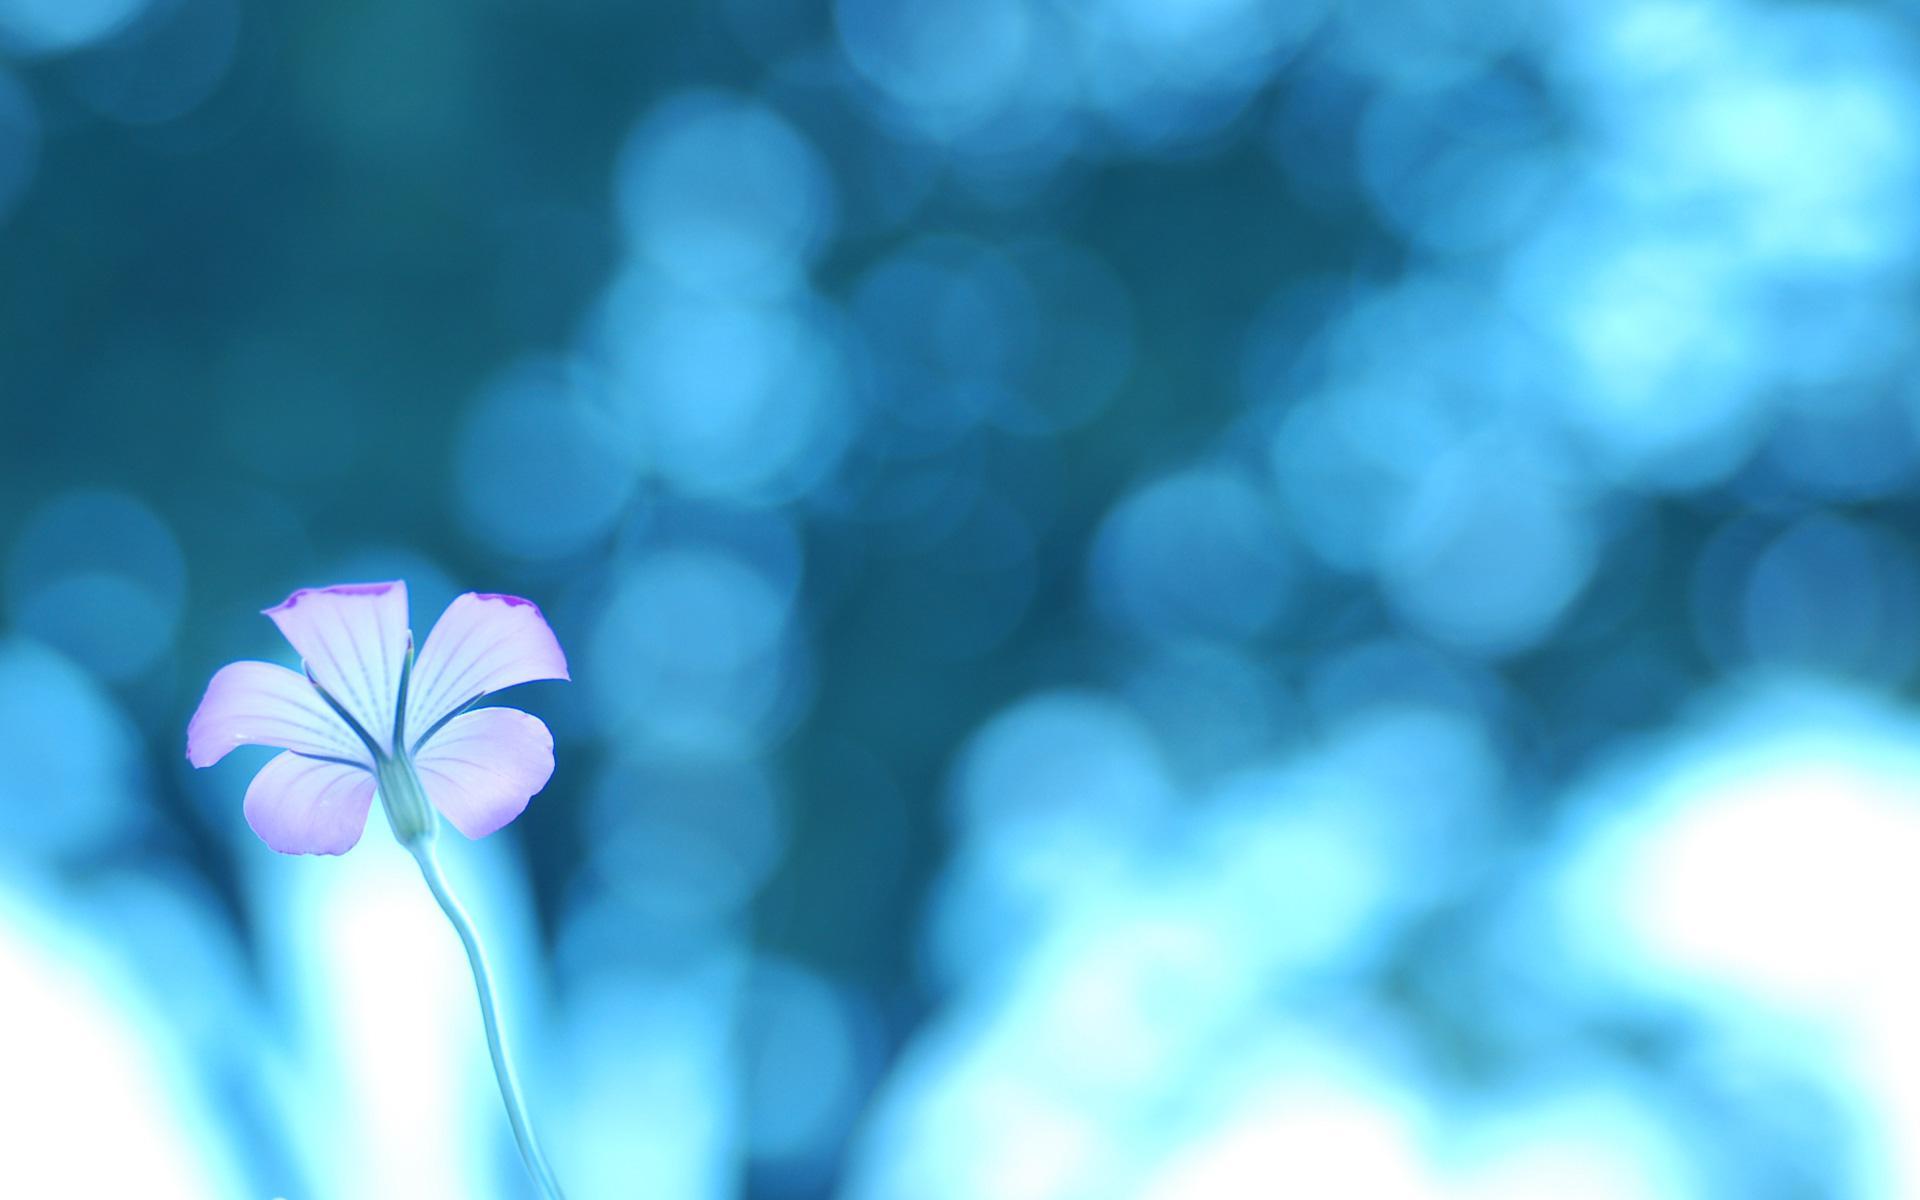 Нежный цветок на голубом фоне обои для